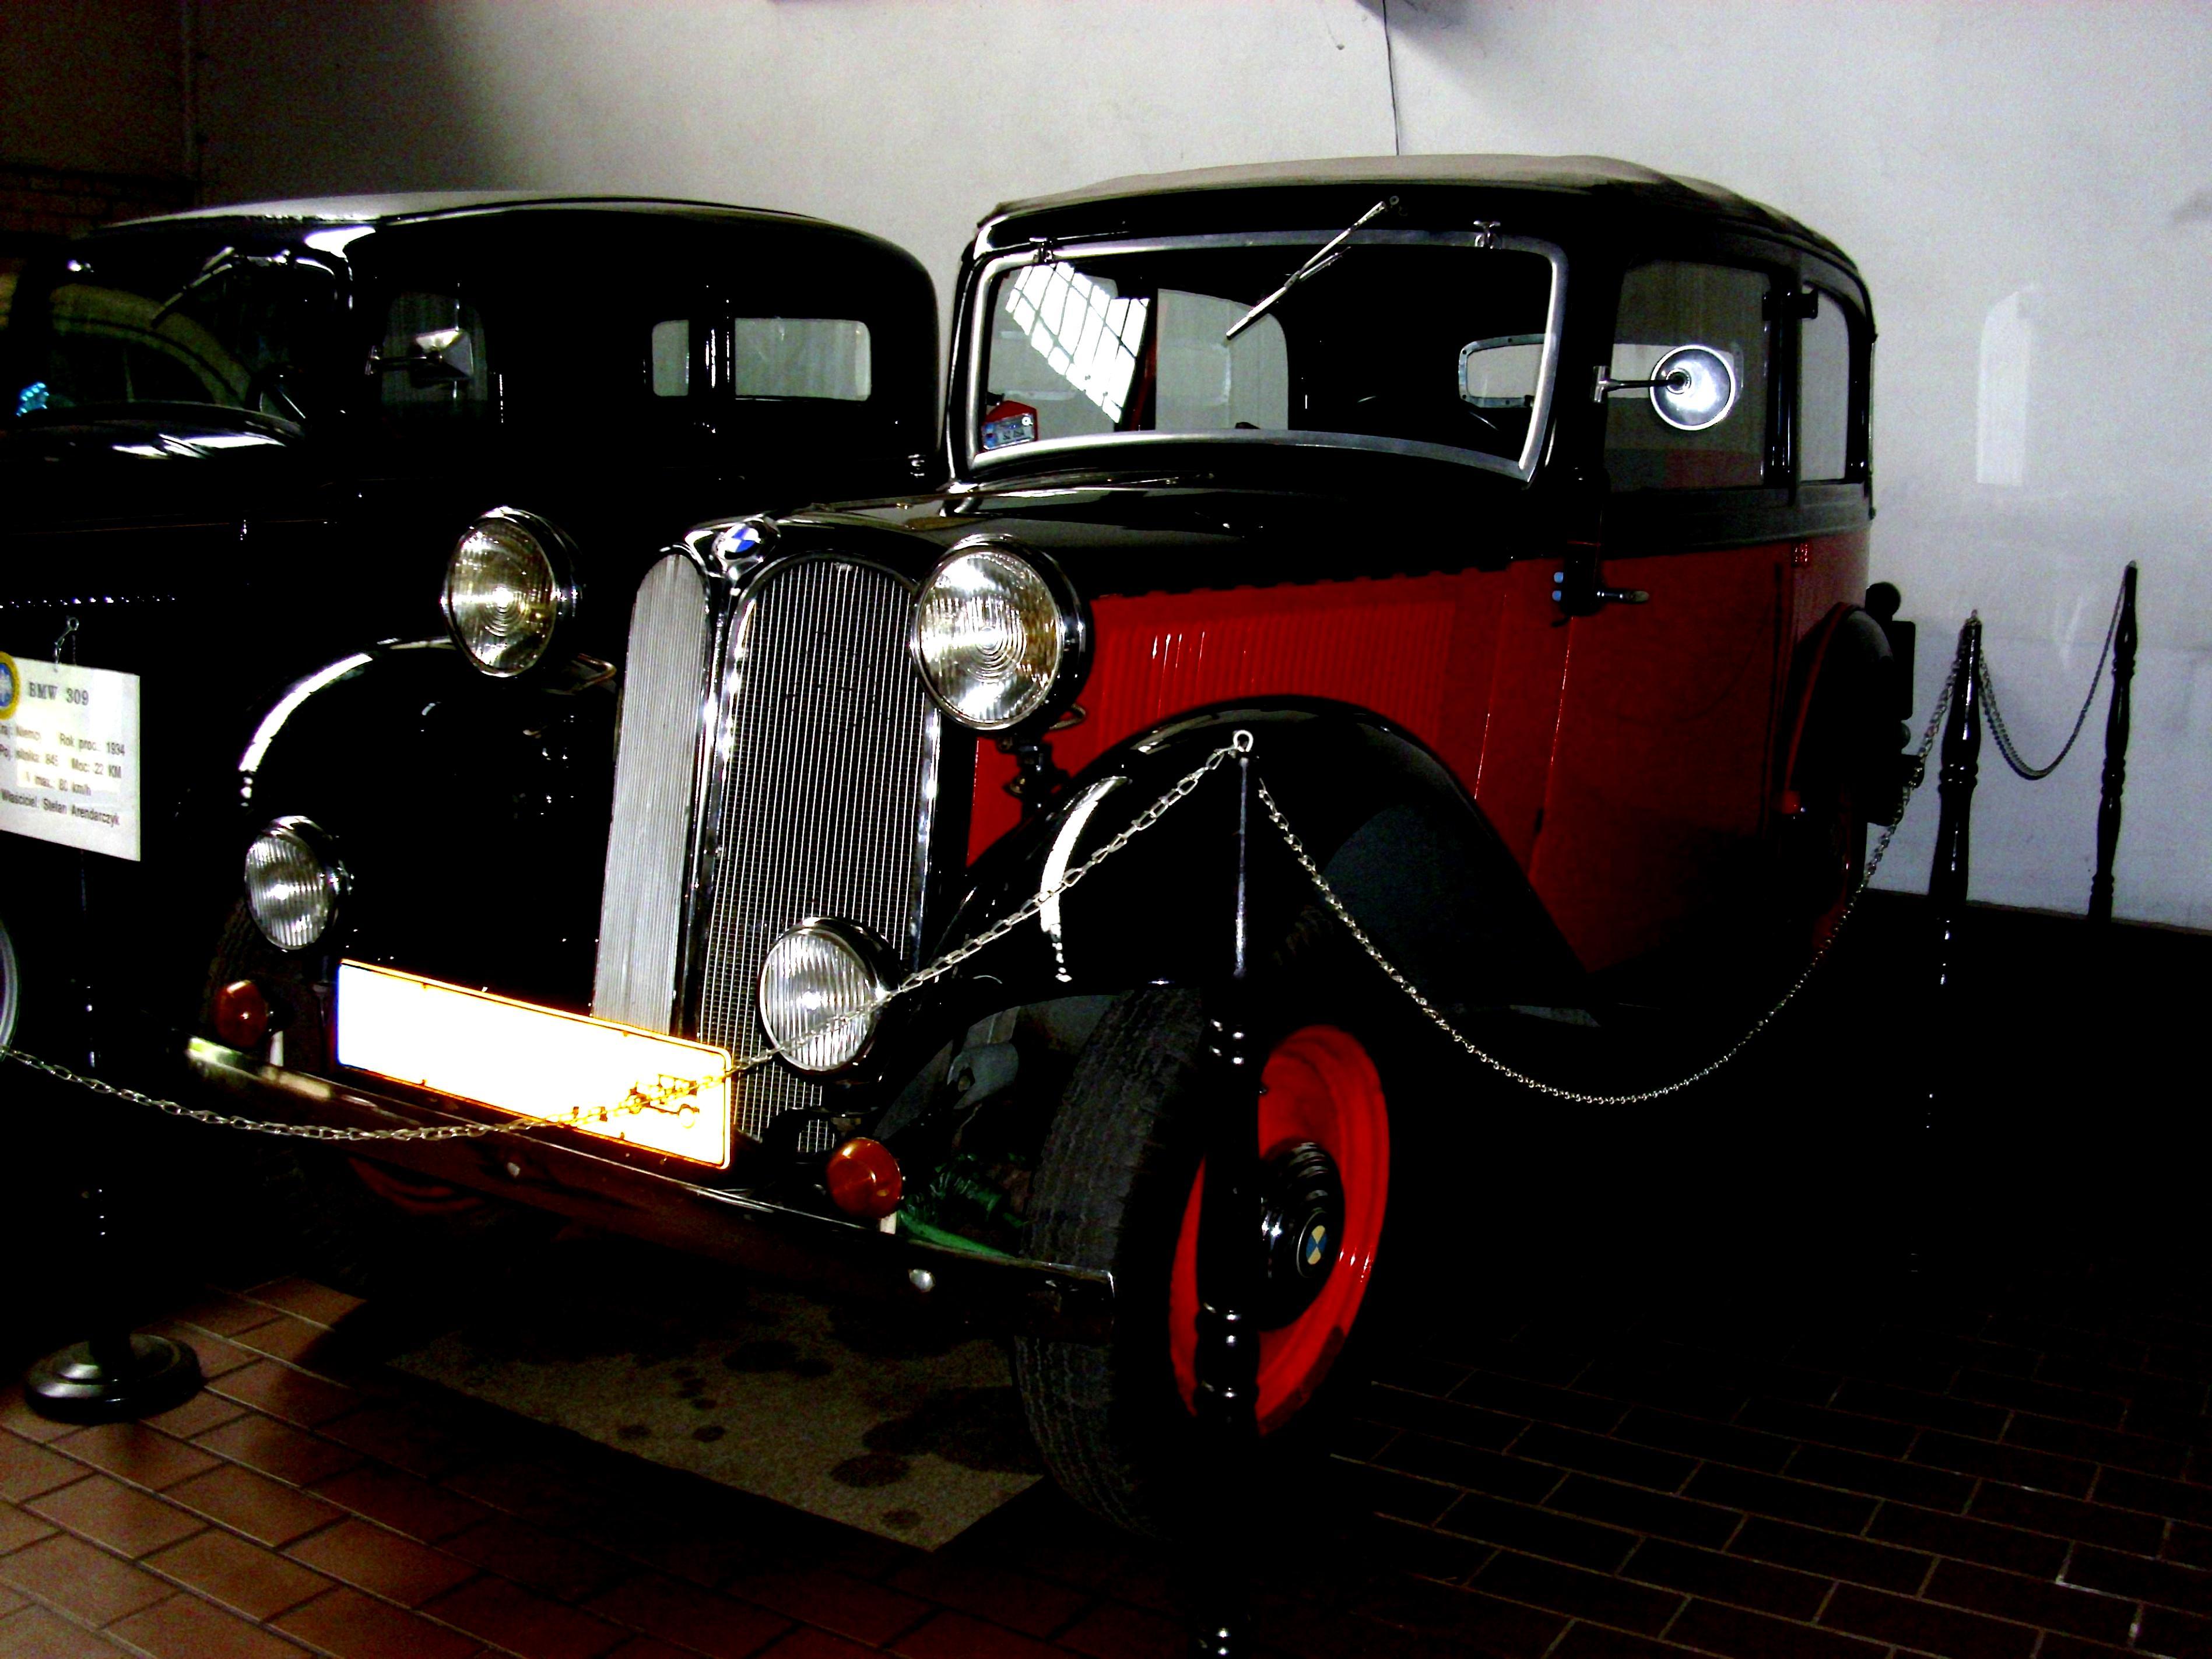 BMW 303 1933 photos #2 on MotoImg.com